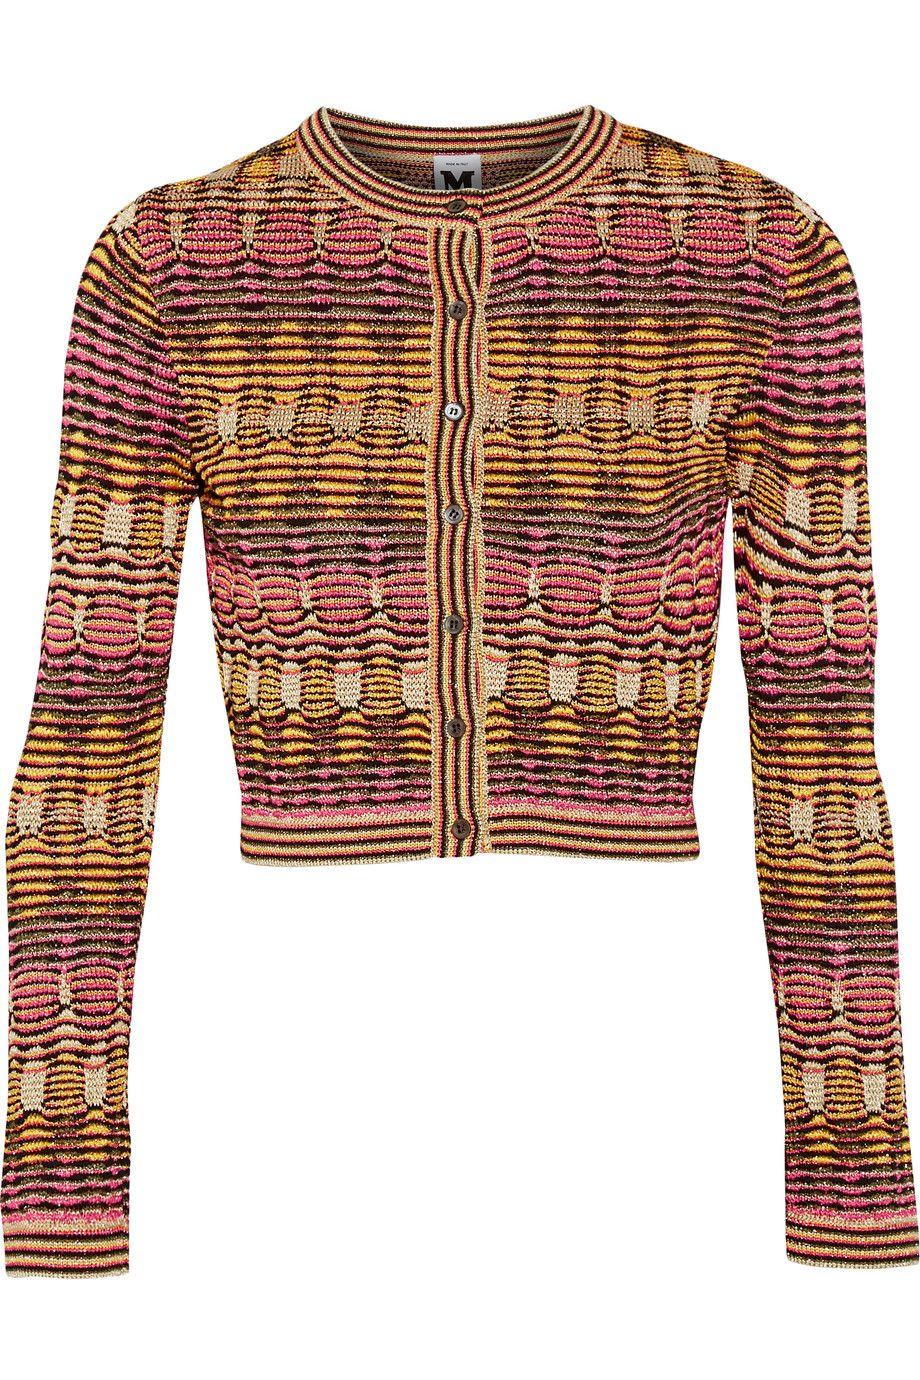 2395f5de867963 M MISSONI Cropped Metallic Crochet-Knit Cardigan. #mmissoni #cloth #cardigan